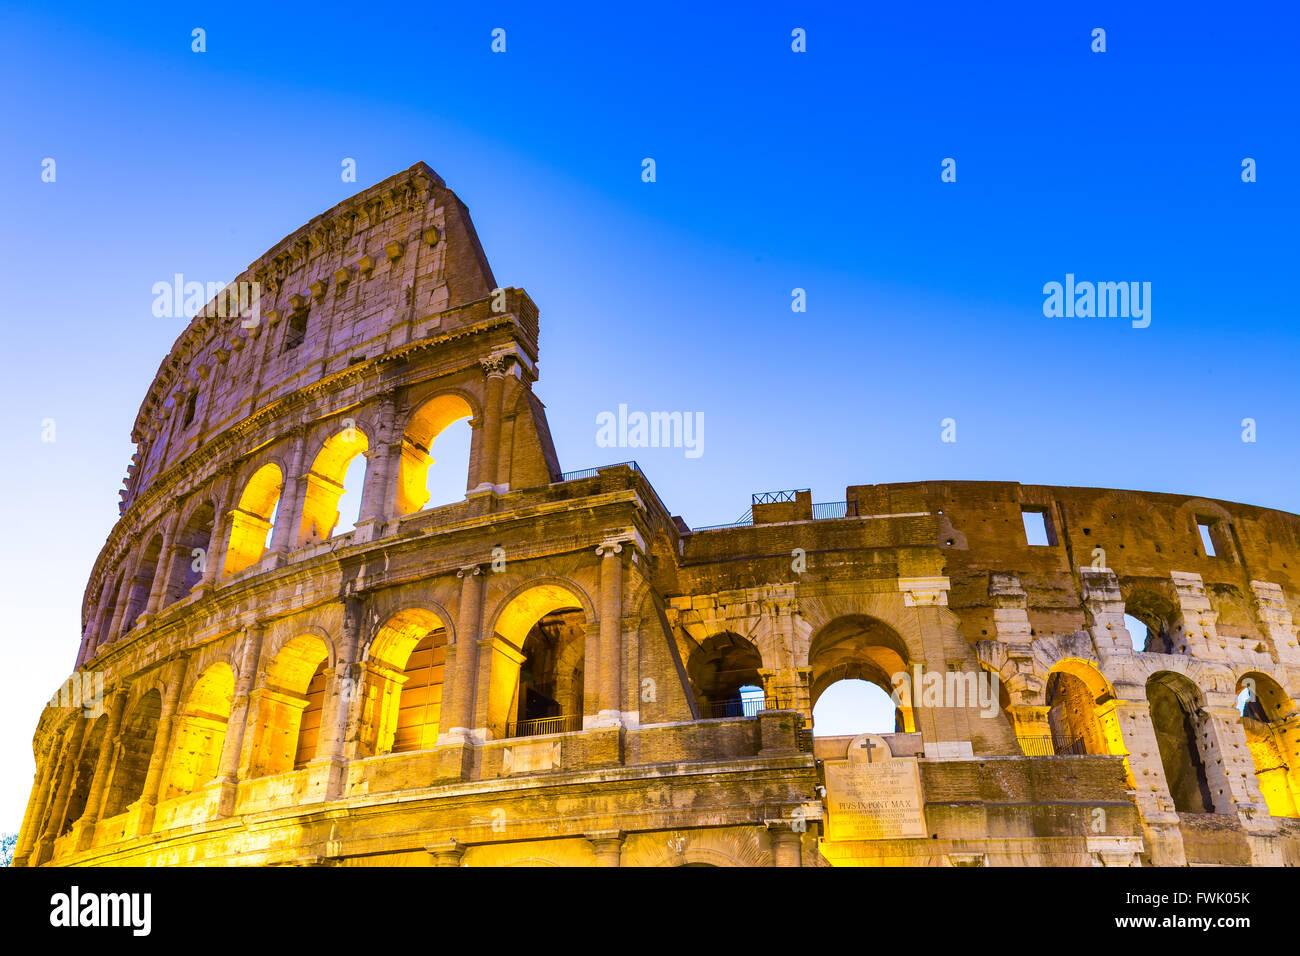 Nahaufnahme des Kolosseums in Rom, Italien. Stockbild